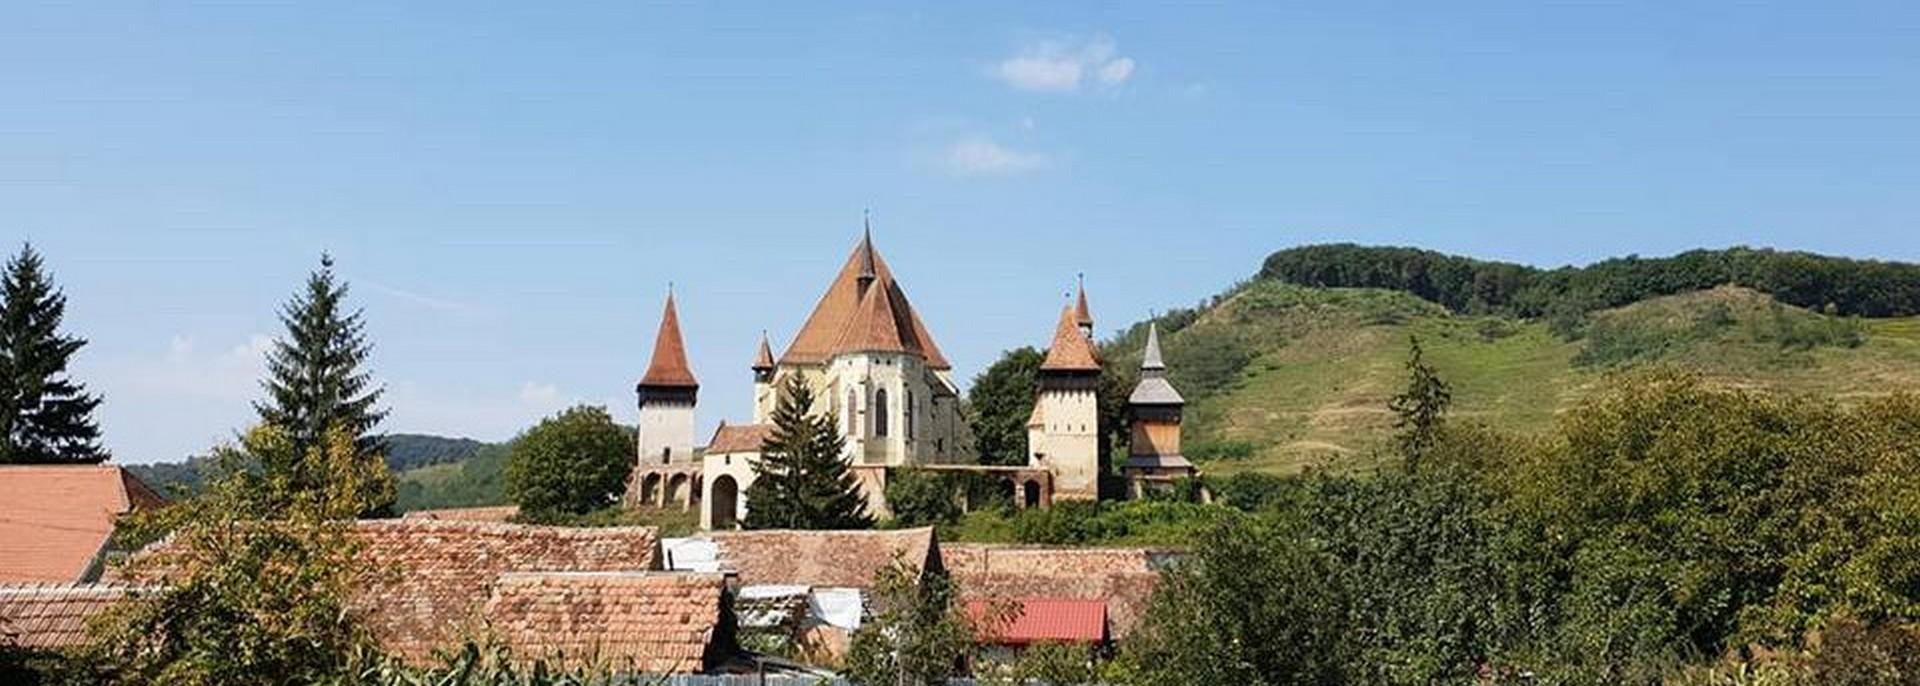 BUNĂ ROMANIA! – Mystery, Myths and Legends PART II